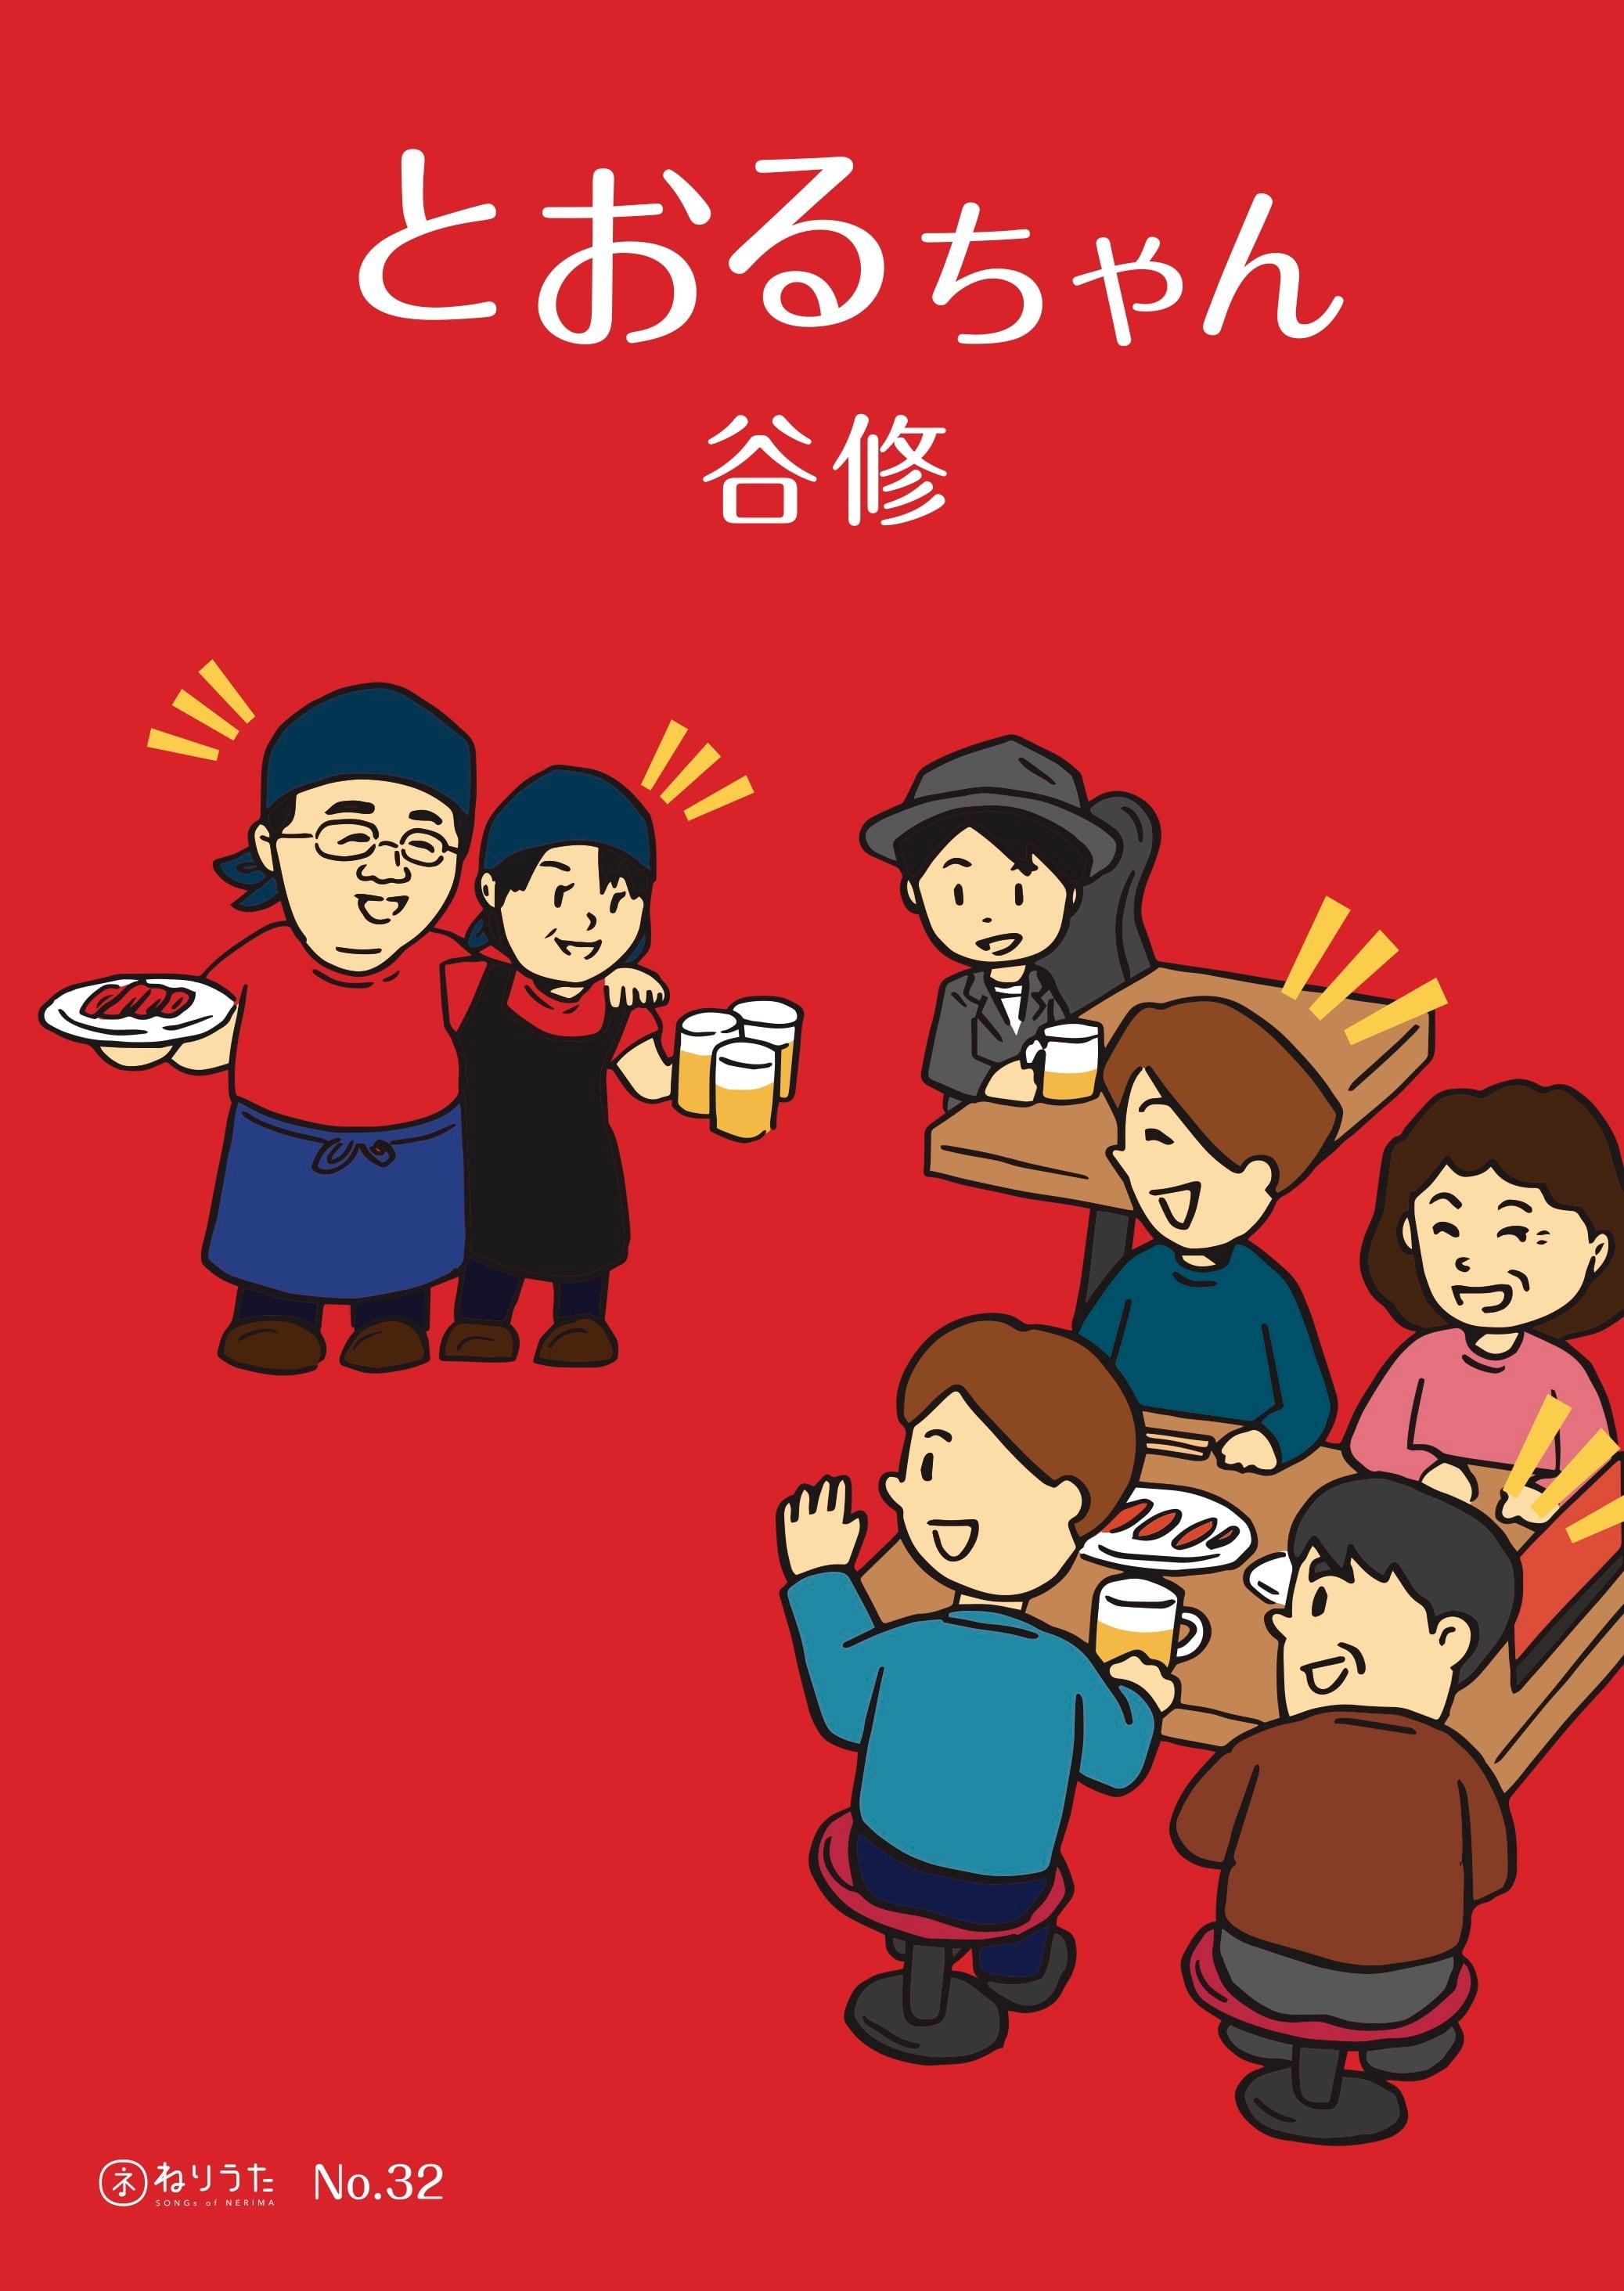 ねりうた #32-2 「とおるちゃん 酔いどれVer.」ダウンロード版